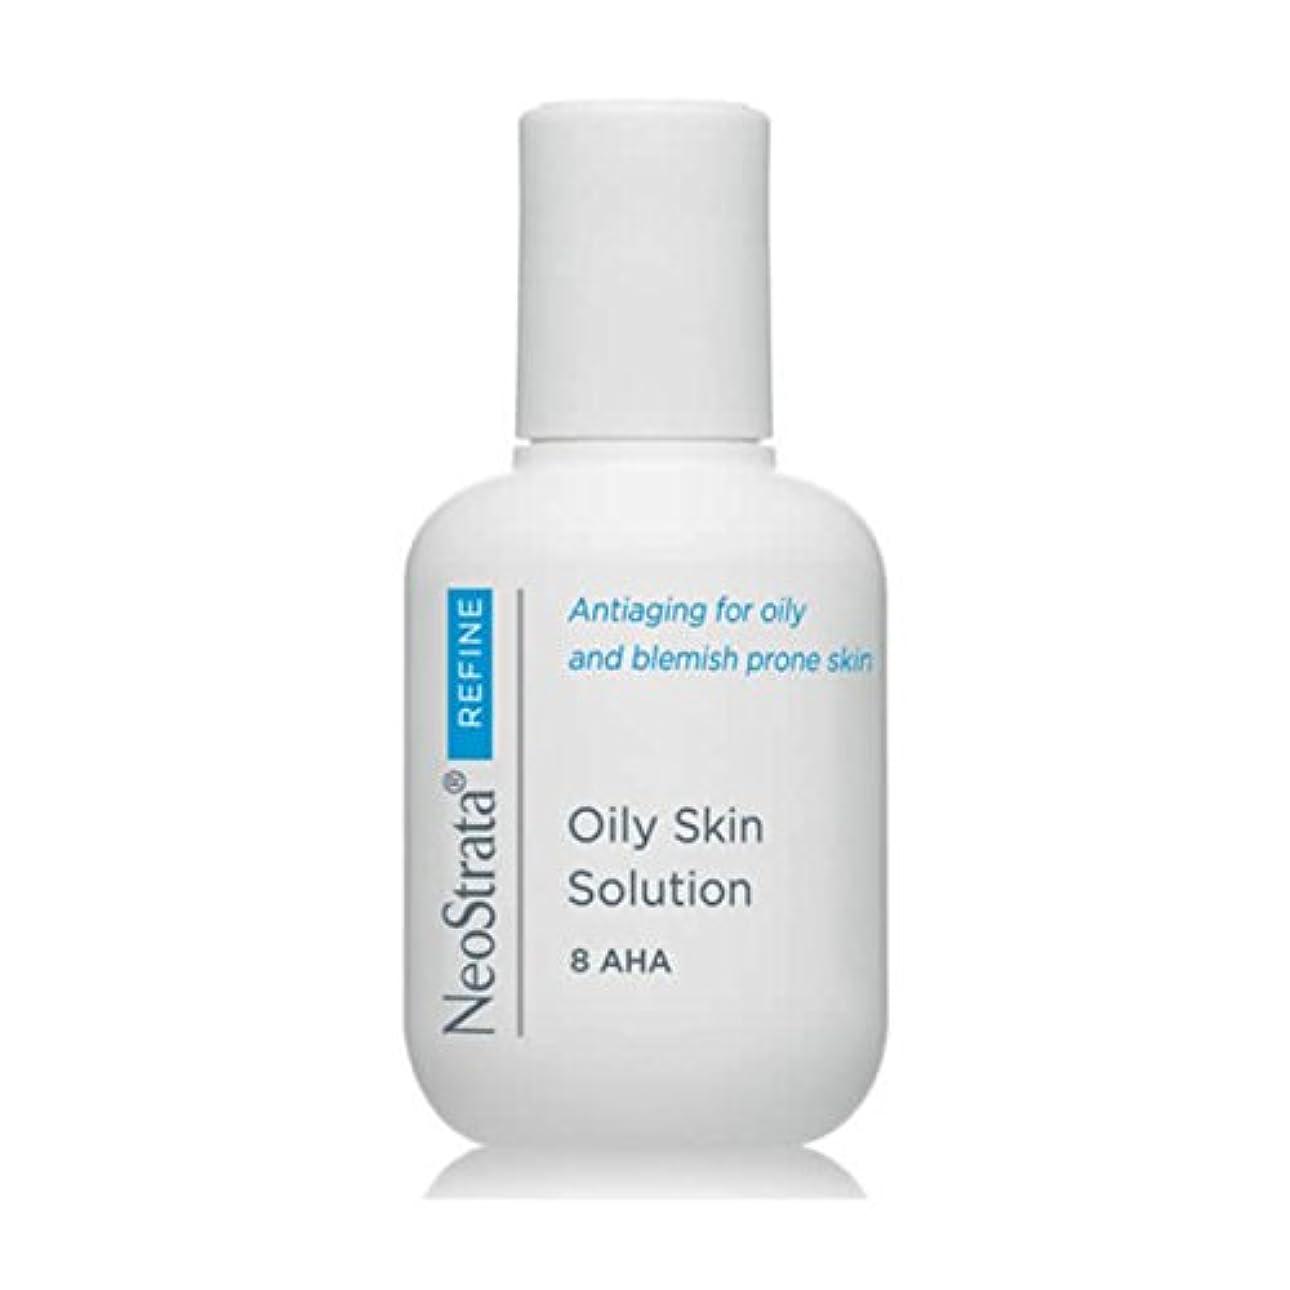 シャンプーマージ役立つNeostrata Oily Skin Solution Exfoliant Tonic 100ml [並行輸入品]